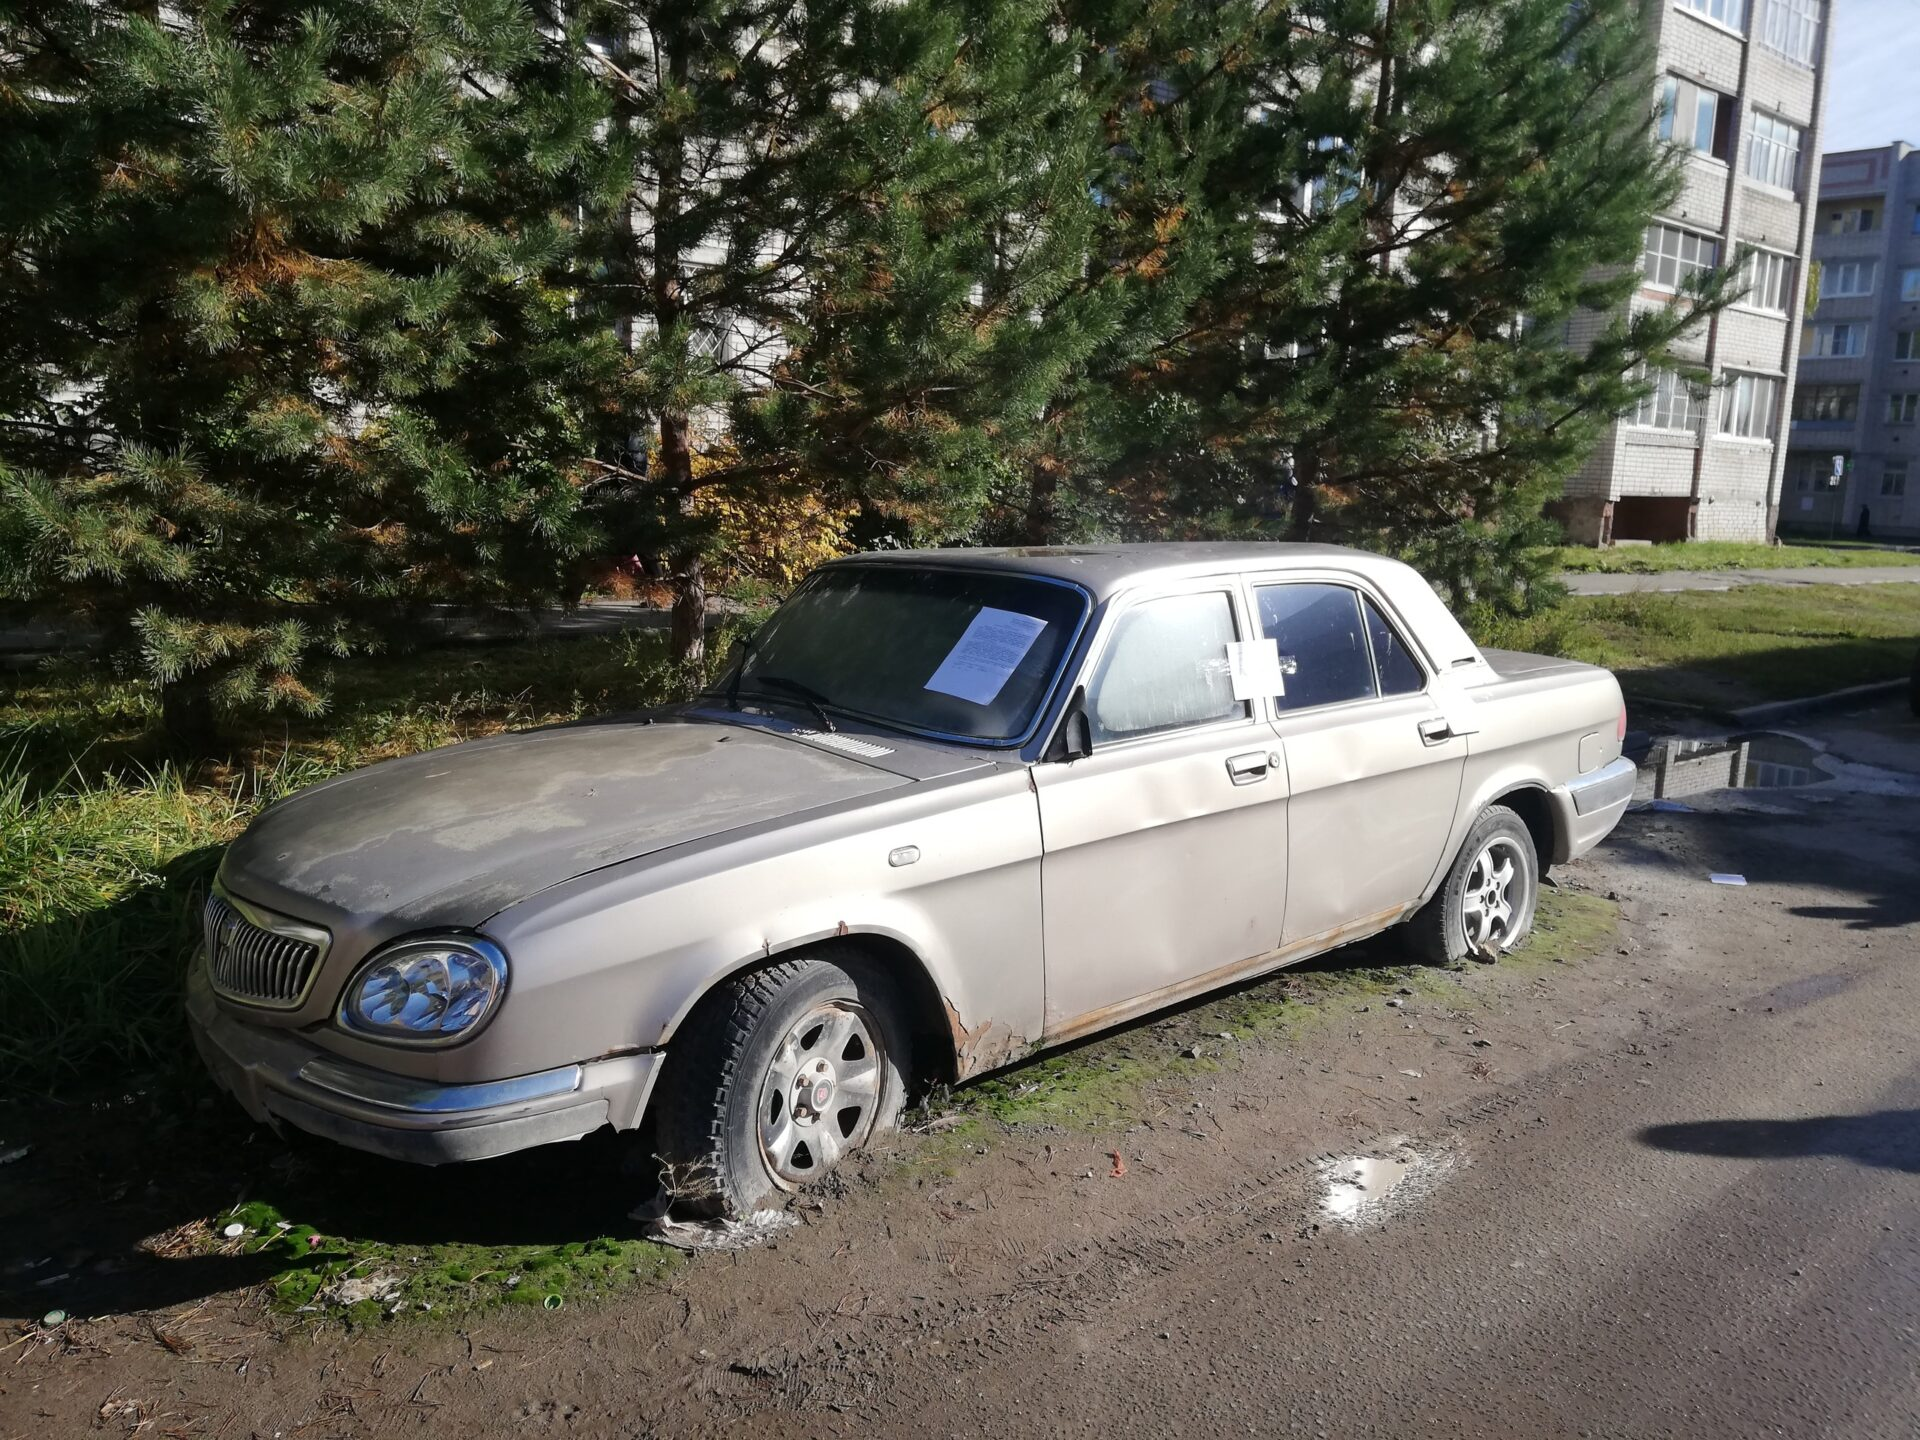 Мэрия Йошкар-Олы разыскивает владельцев брошенных автомобилей